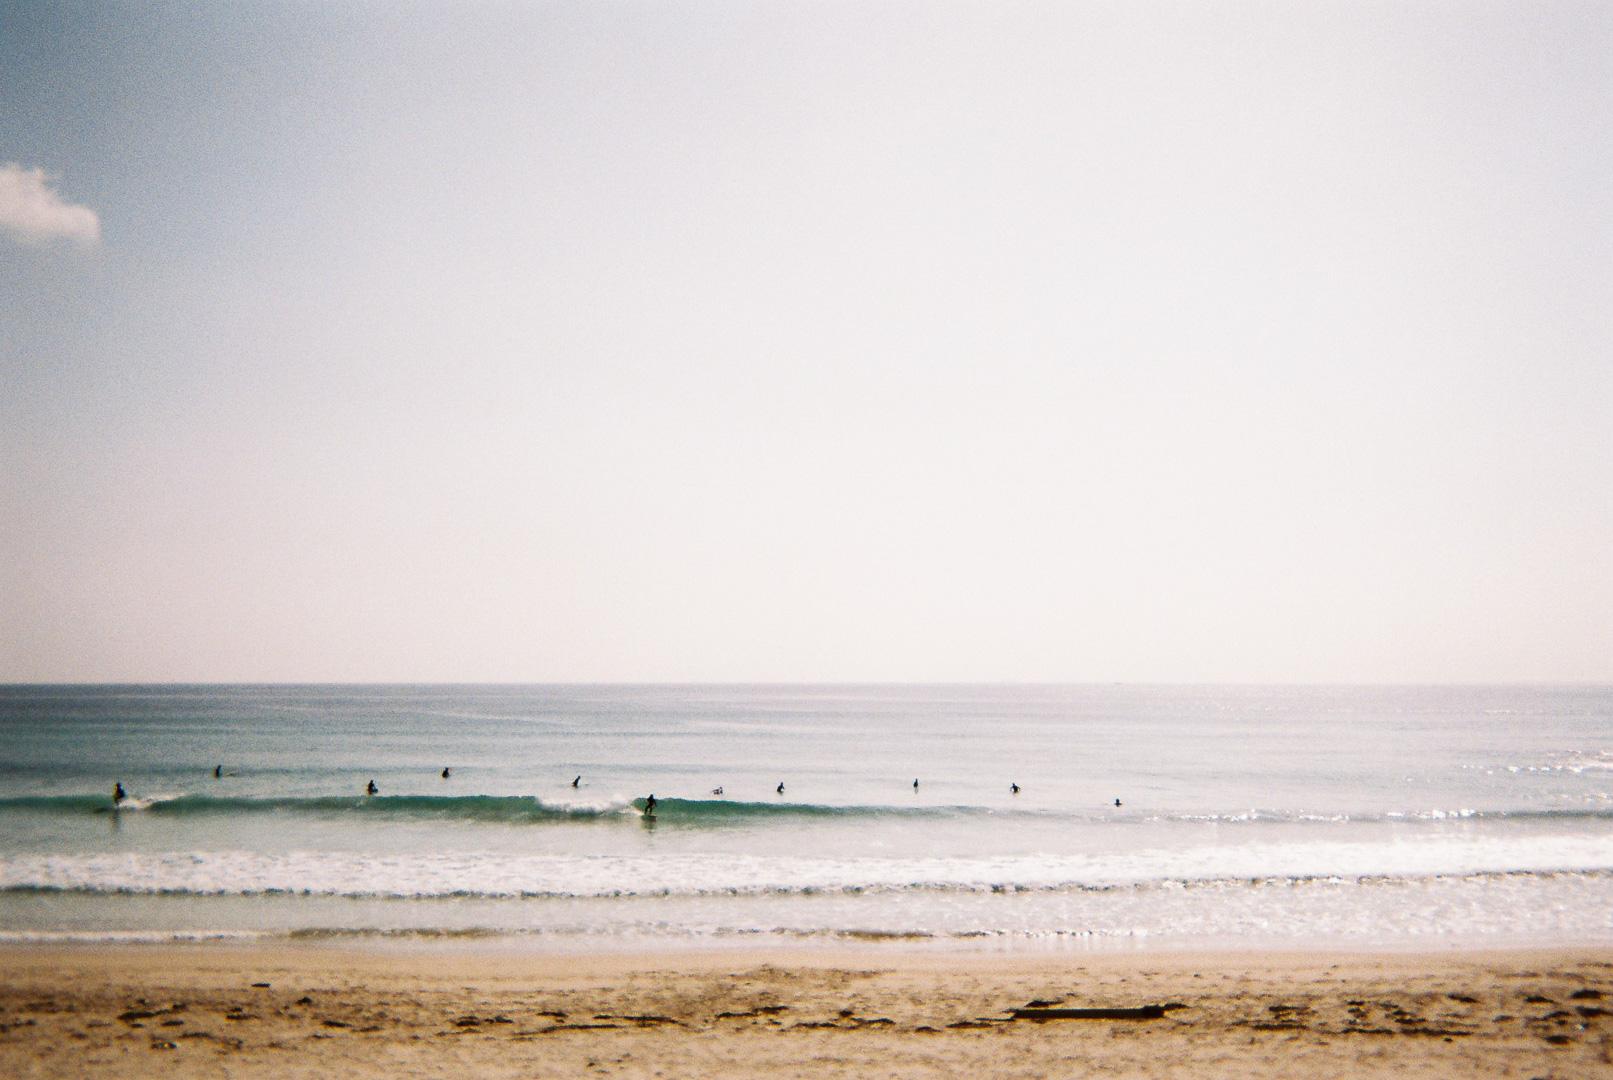 伊豆白浜海岸を撮りました